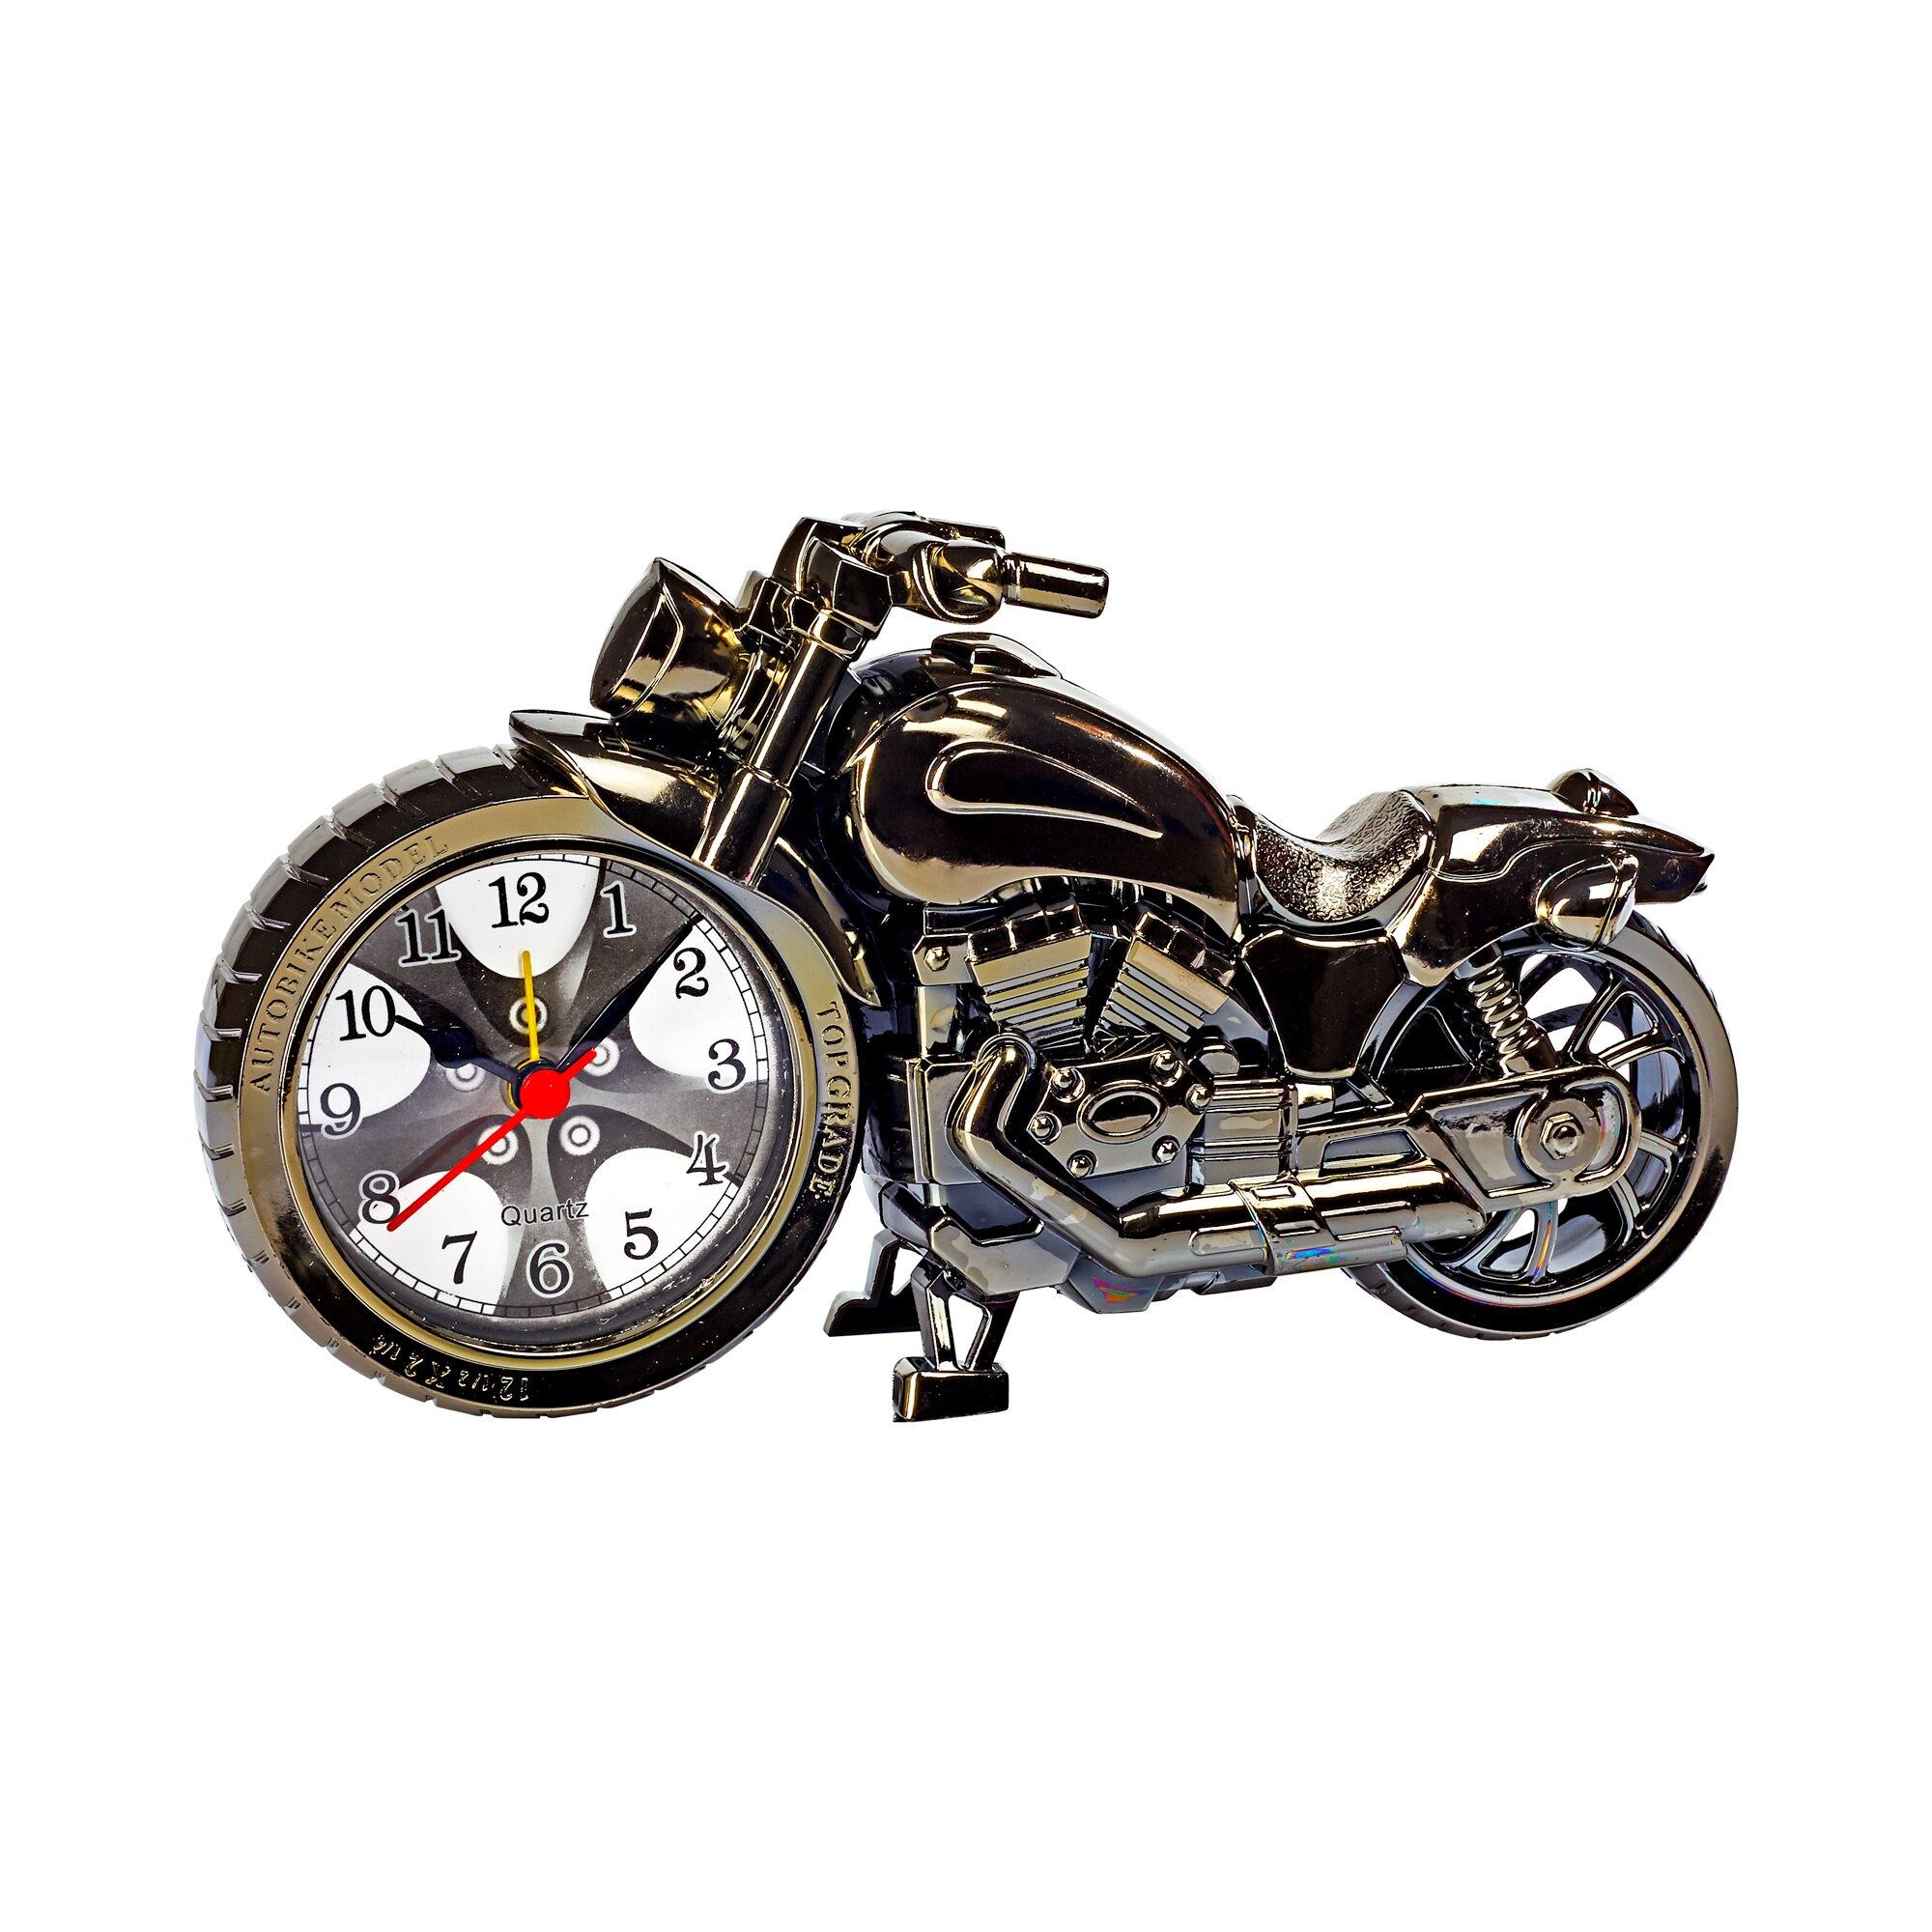 Motorrad Ankauf - unverbindliche Offerte   Jetzt Motorrad